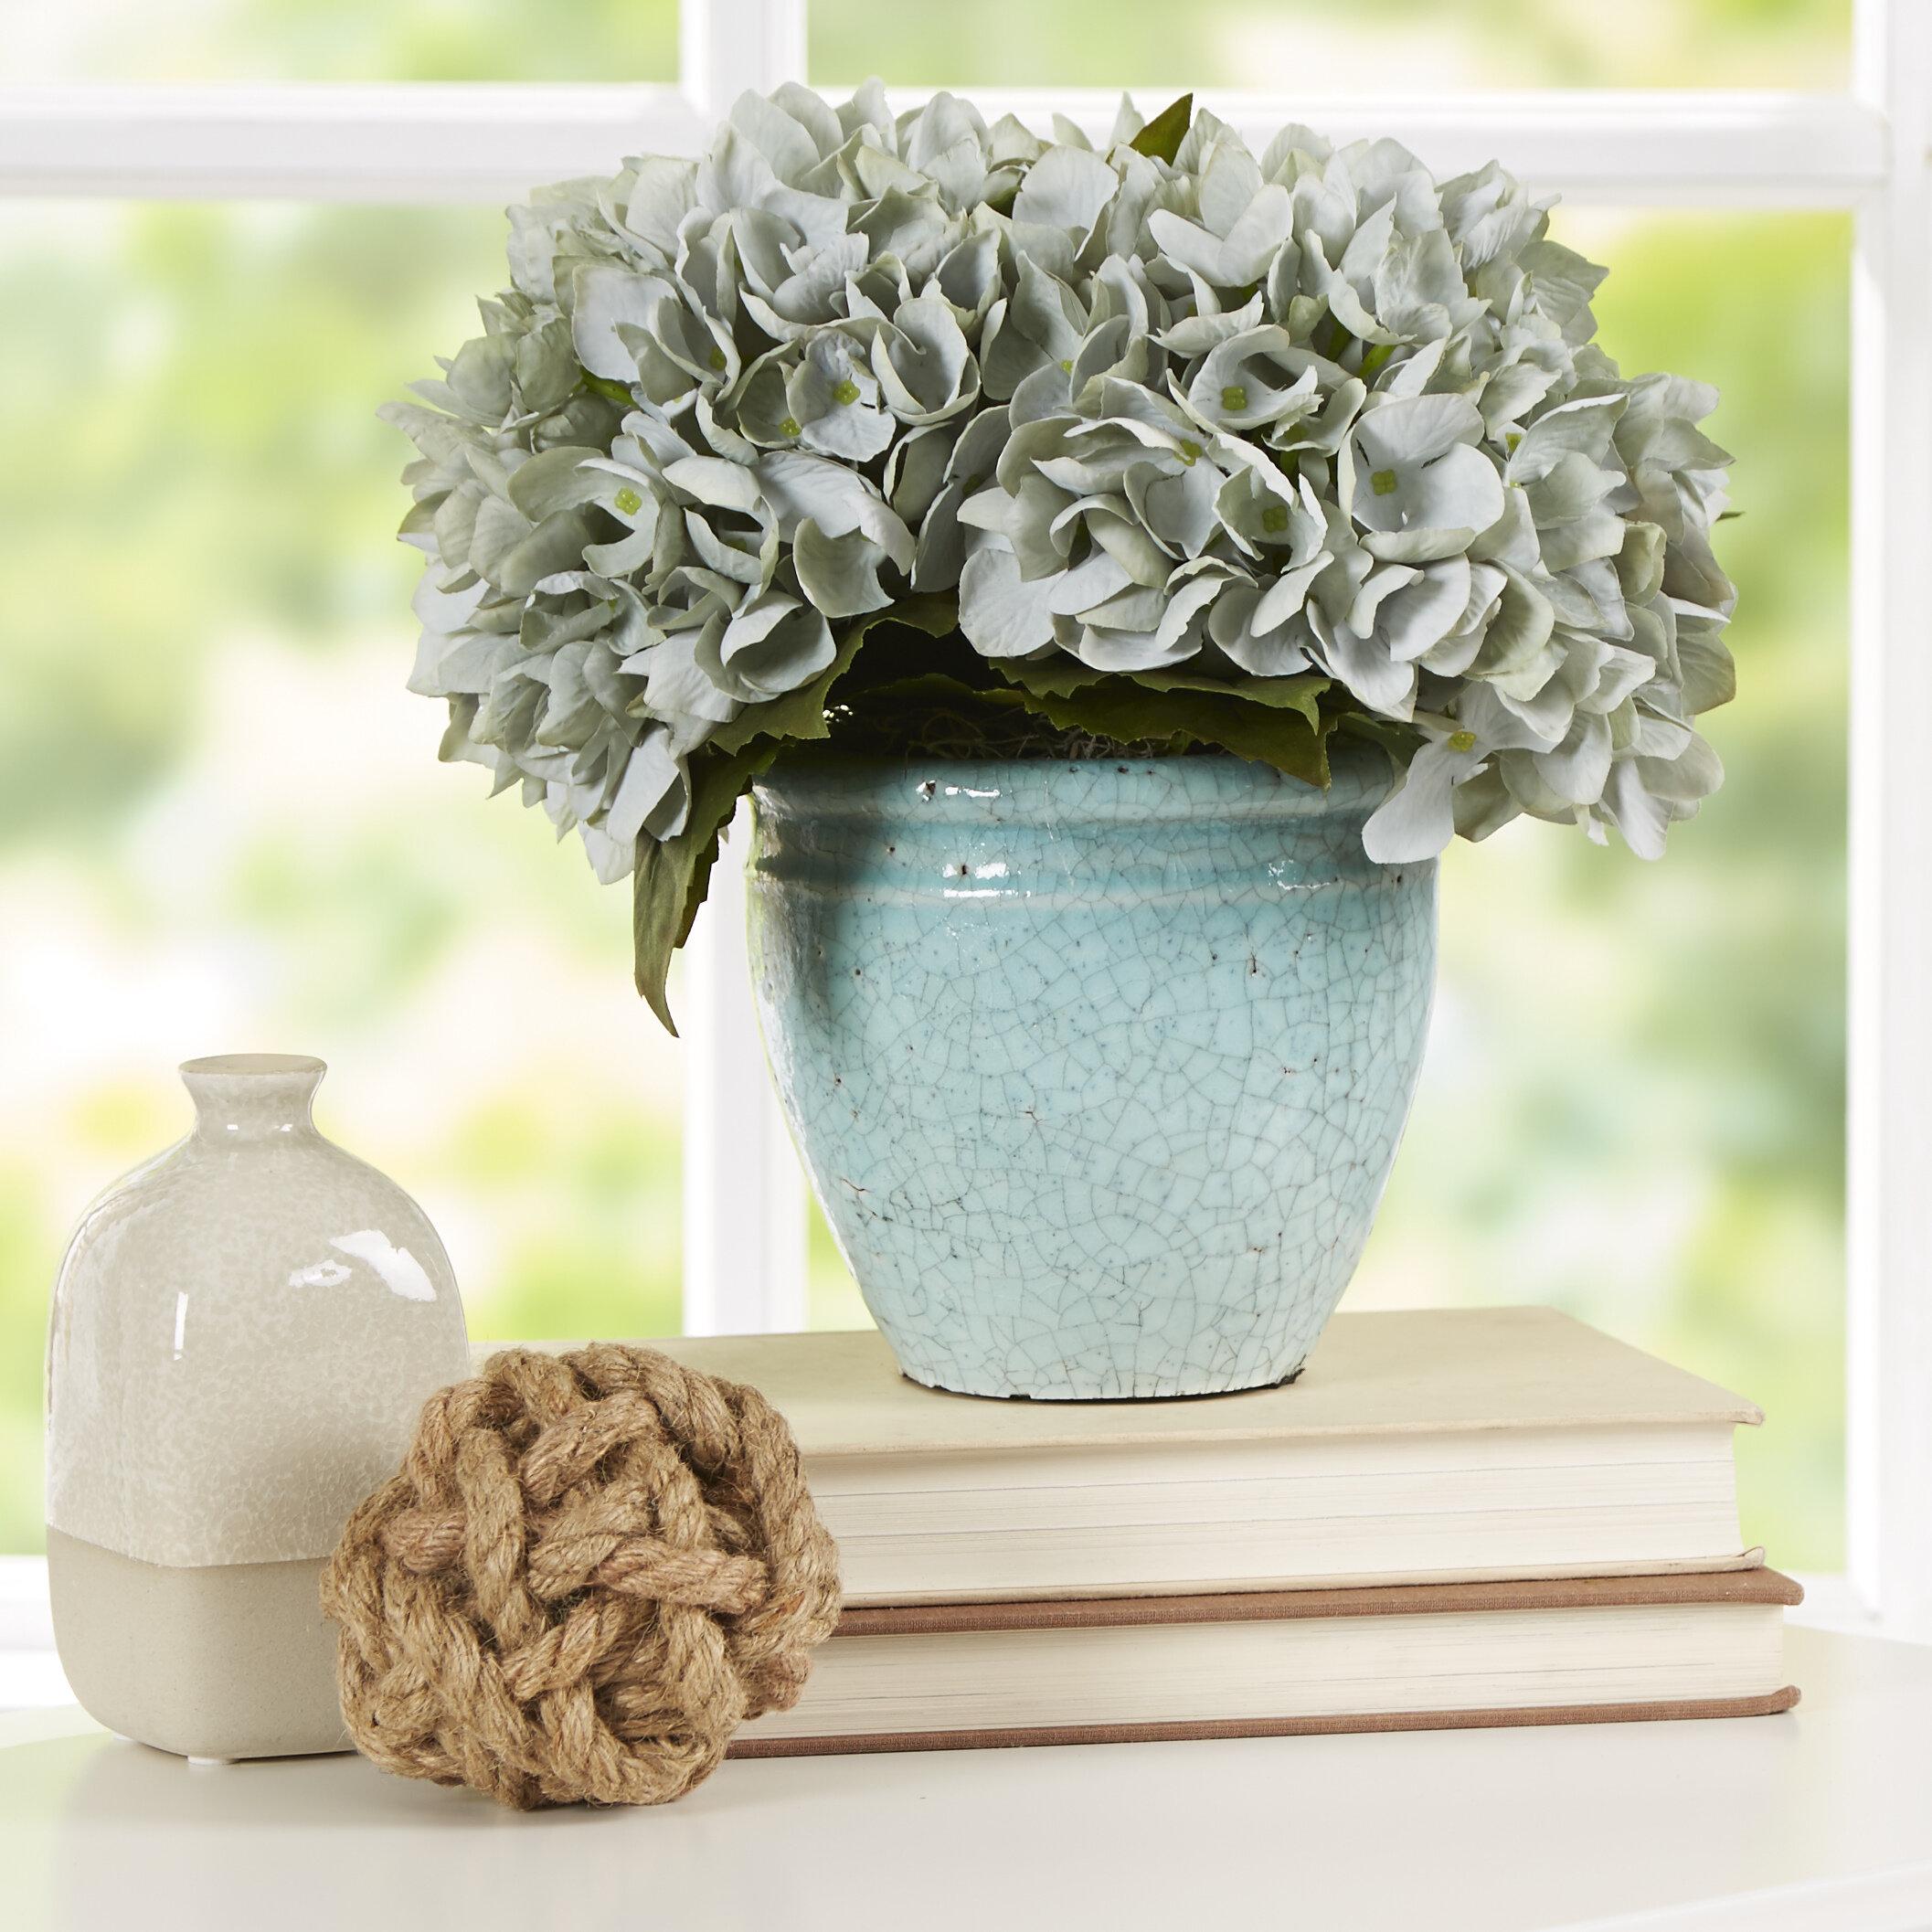 Blue Sea Foam Hydrangea Floral Arrangement In Rustic Pot Reviews Birch Lane